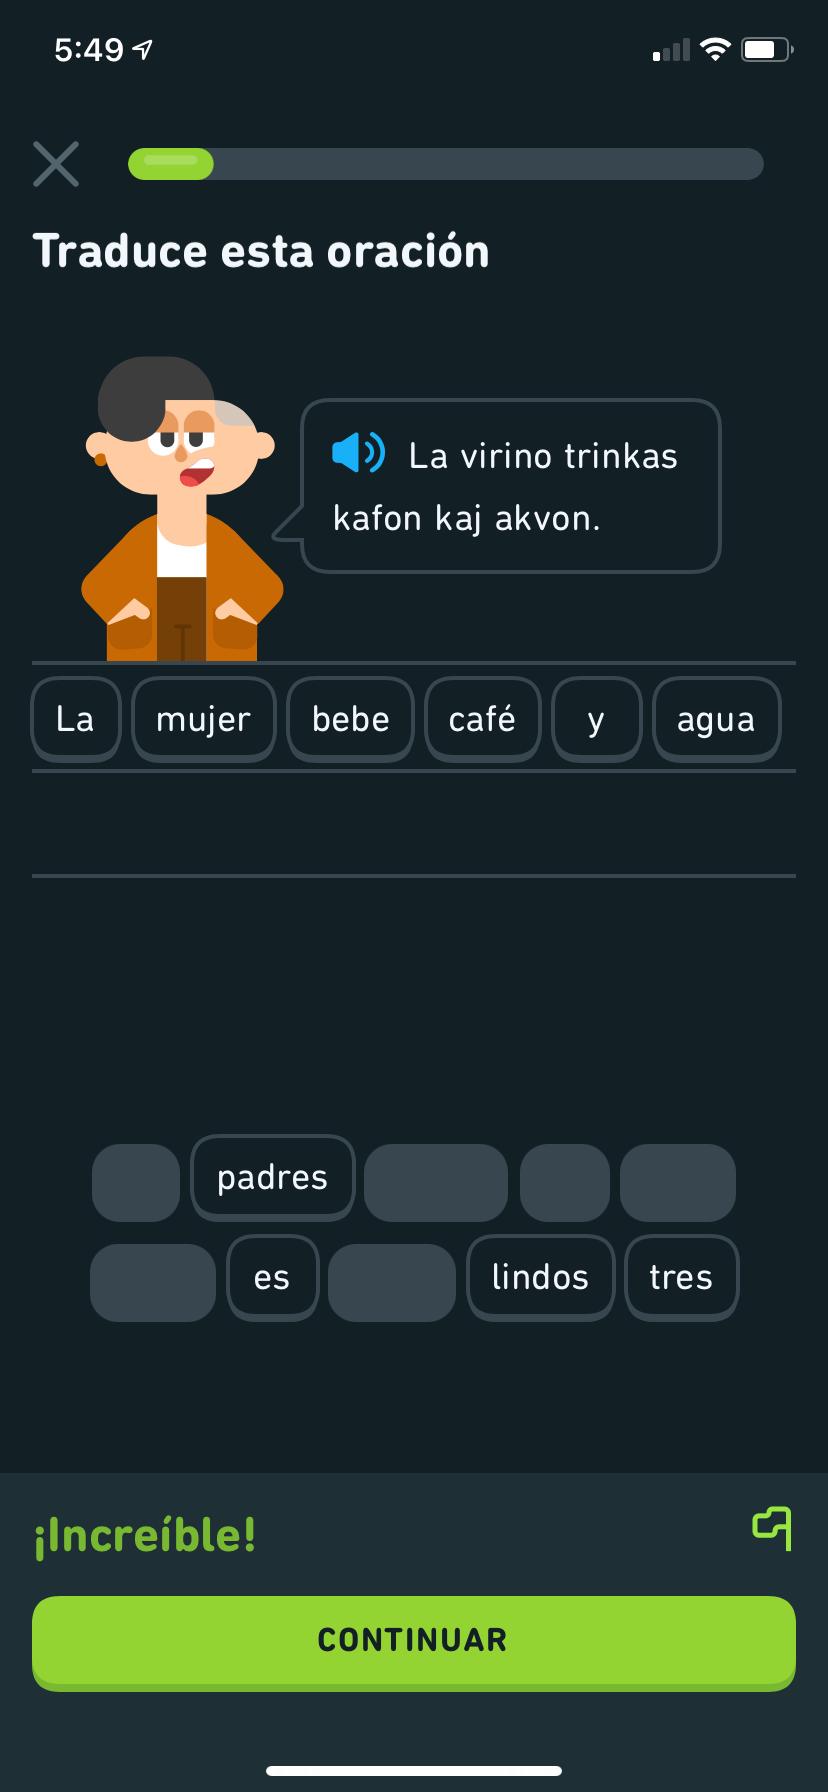 """Captura de pantalla de un ejercicio del curso de esperanto de Duolingo. El personaje de Duolingo, Lin, dice en esperanto: """"La virino trinkas kafon kaj akvon"""", que significa """"La mujer bebe café y agua"""", y la traducción está en un banco de palabras justo abajo."""